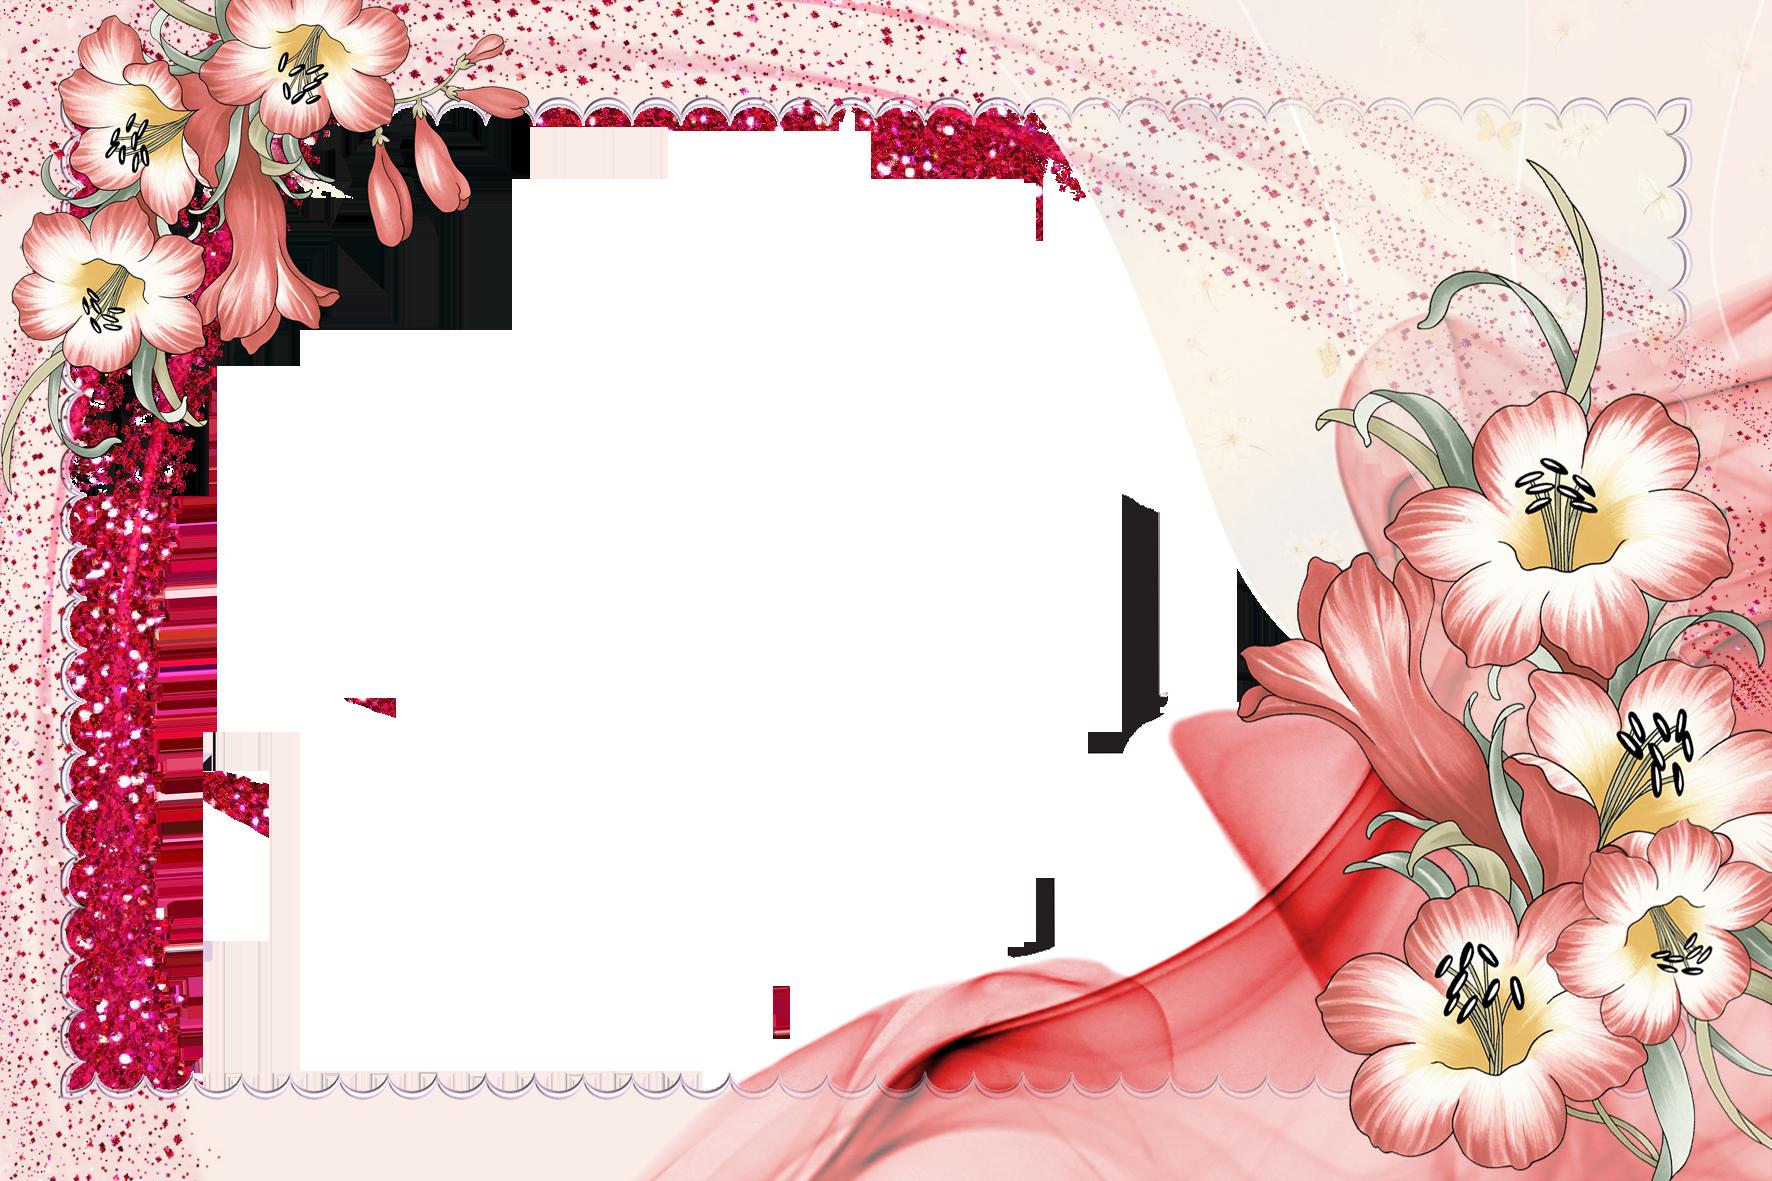 Крестины, фон для открытки с рамками